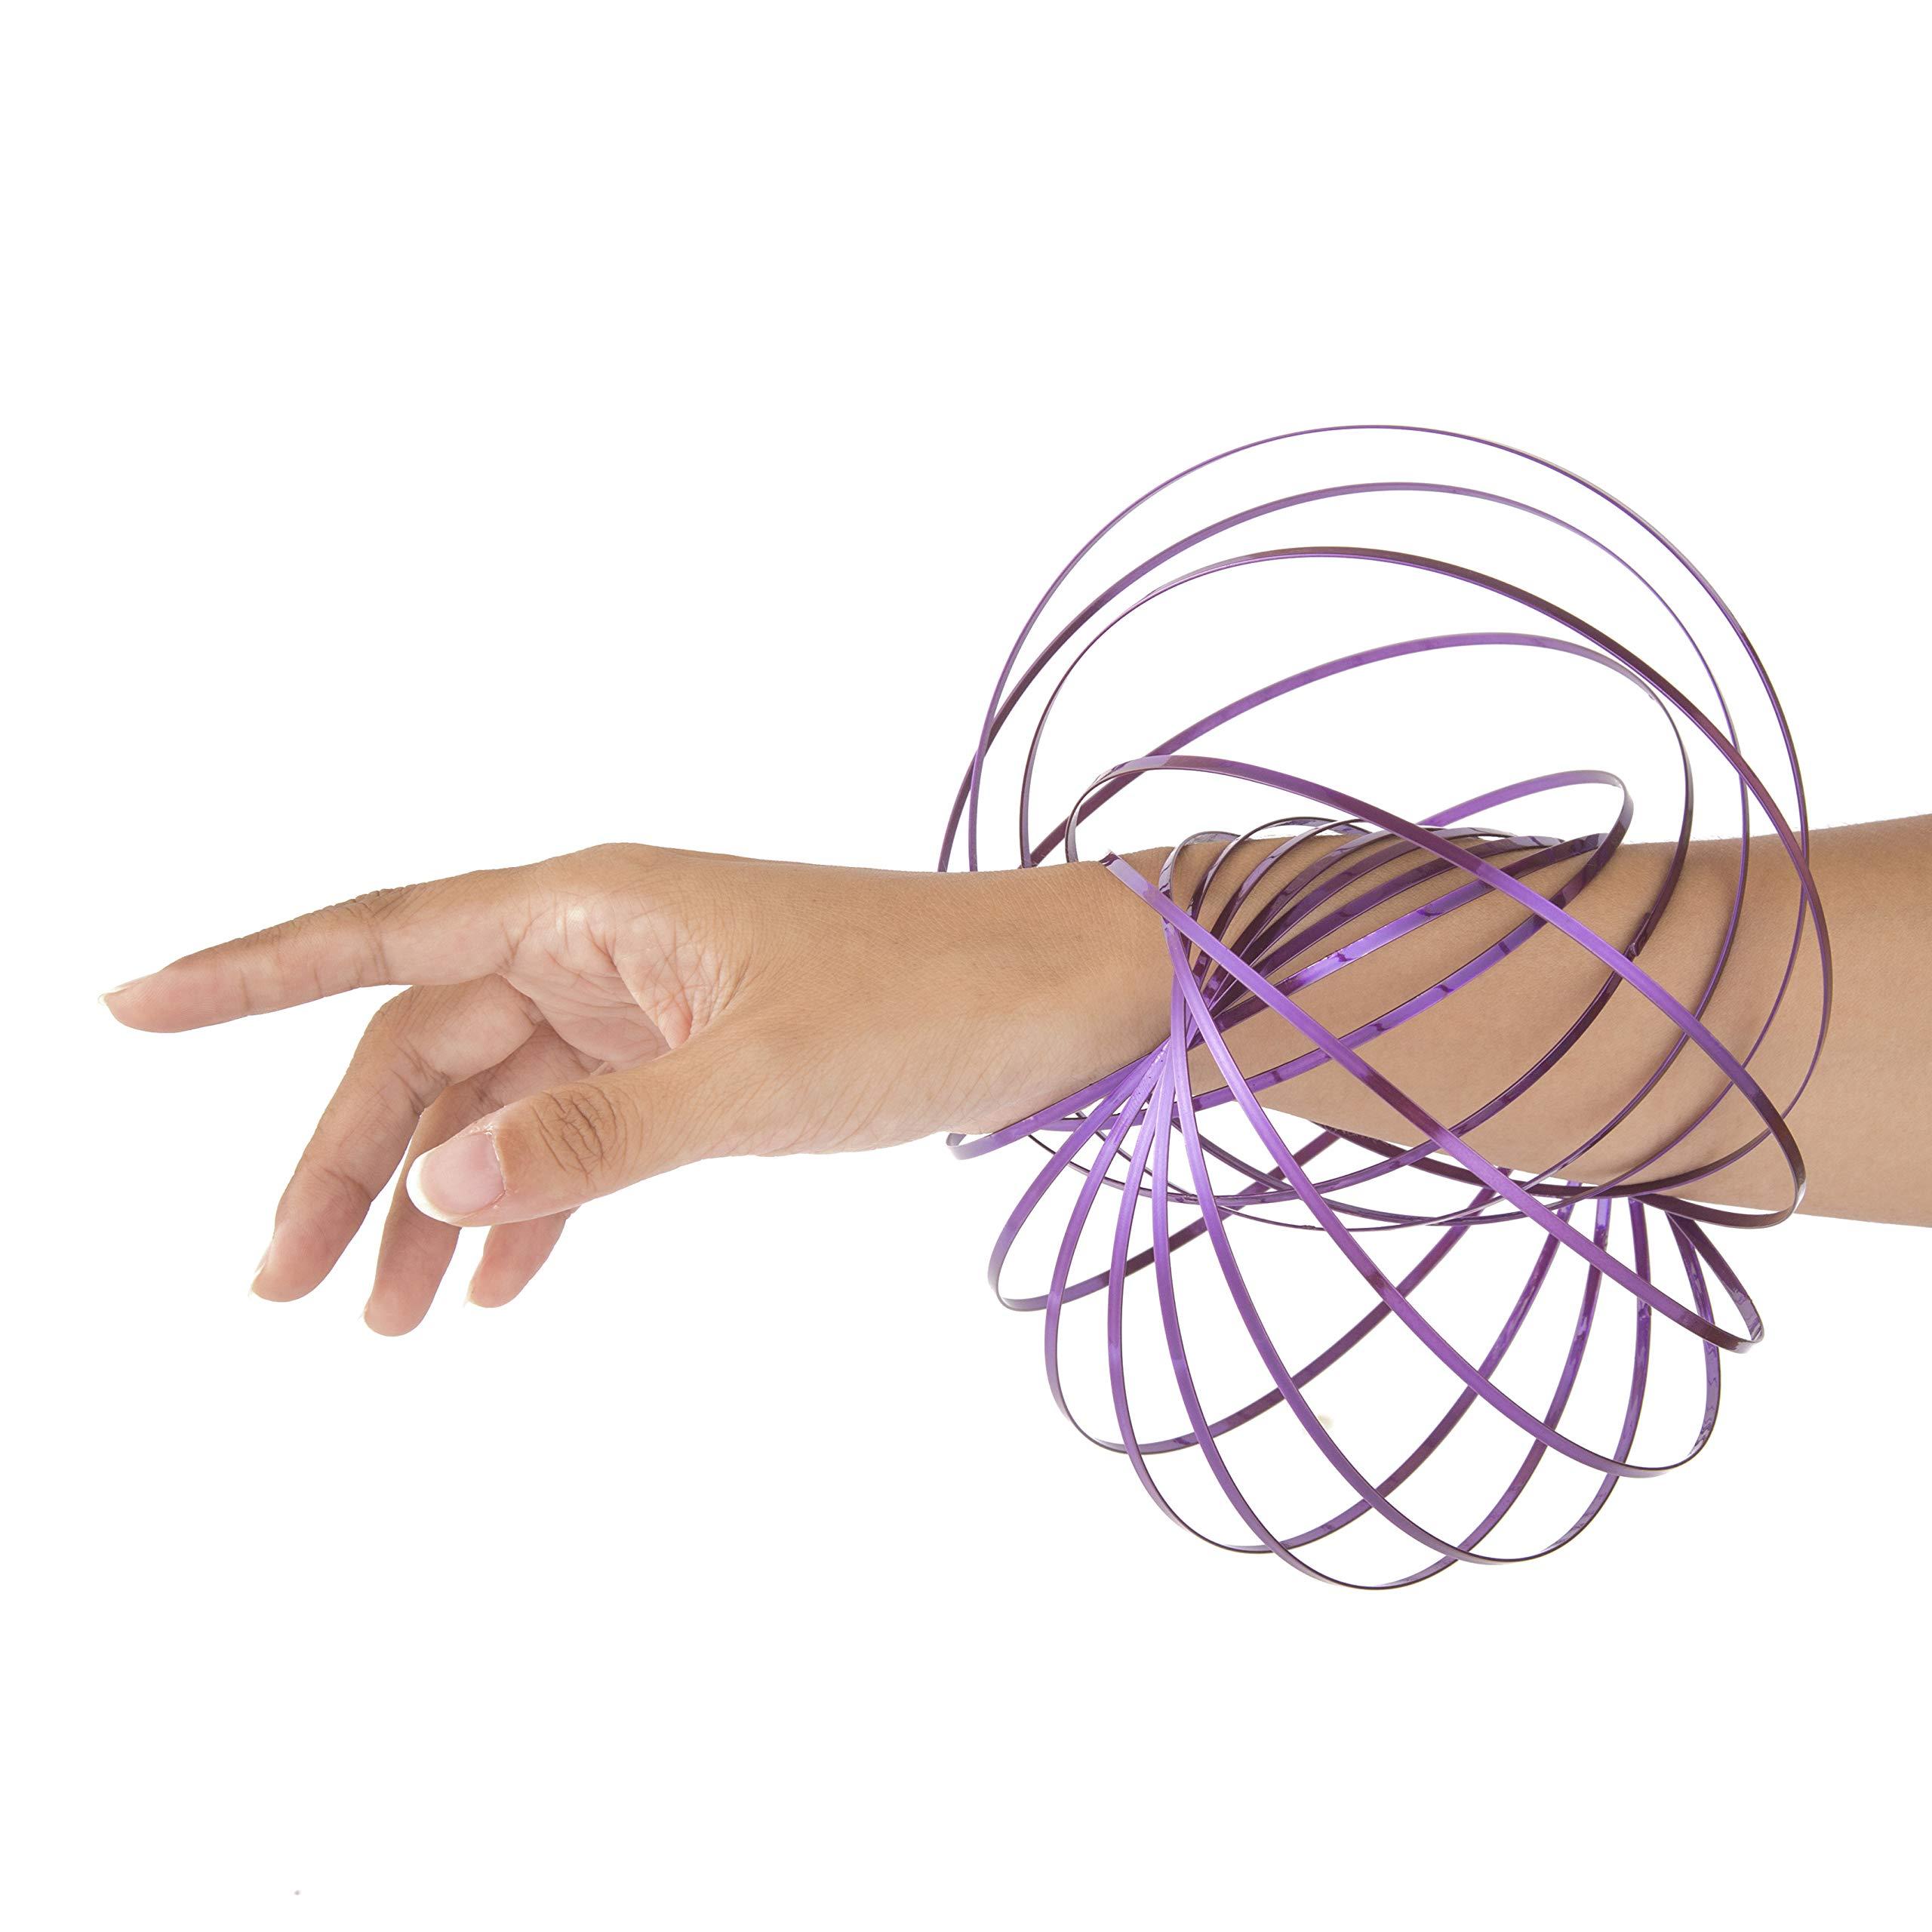 KELZ KIDZ Kinetic 3D Flow Rings Made from High Grade Stainless Steel (12 Pack Assorted) by KELZ KIDZ (Image #4)